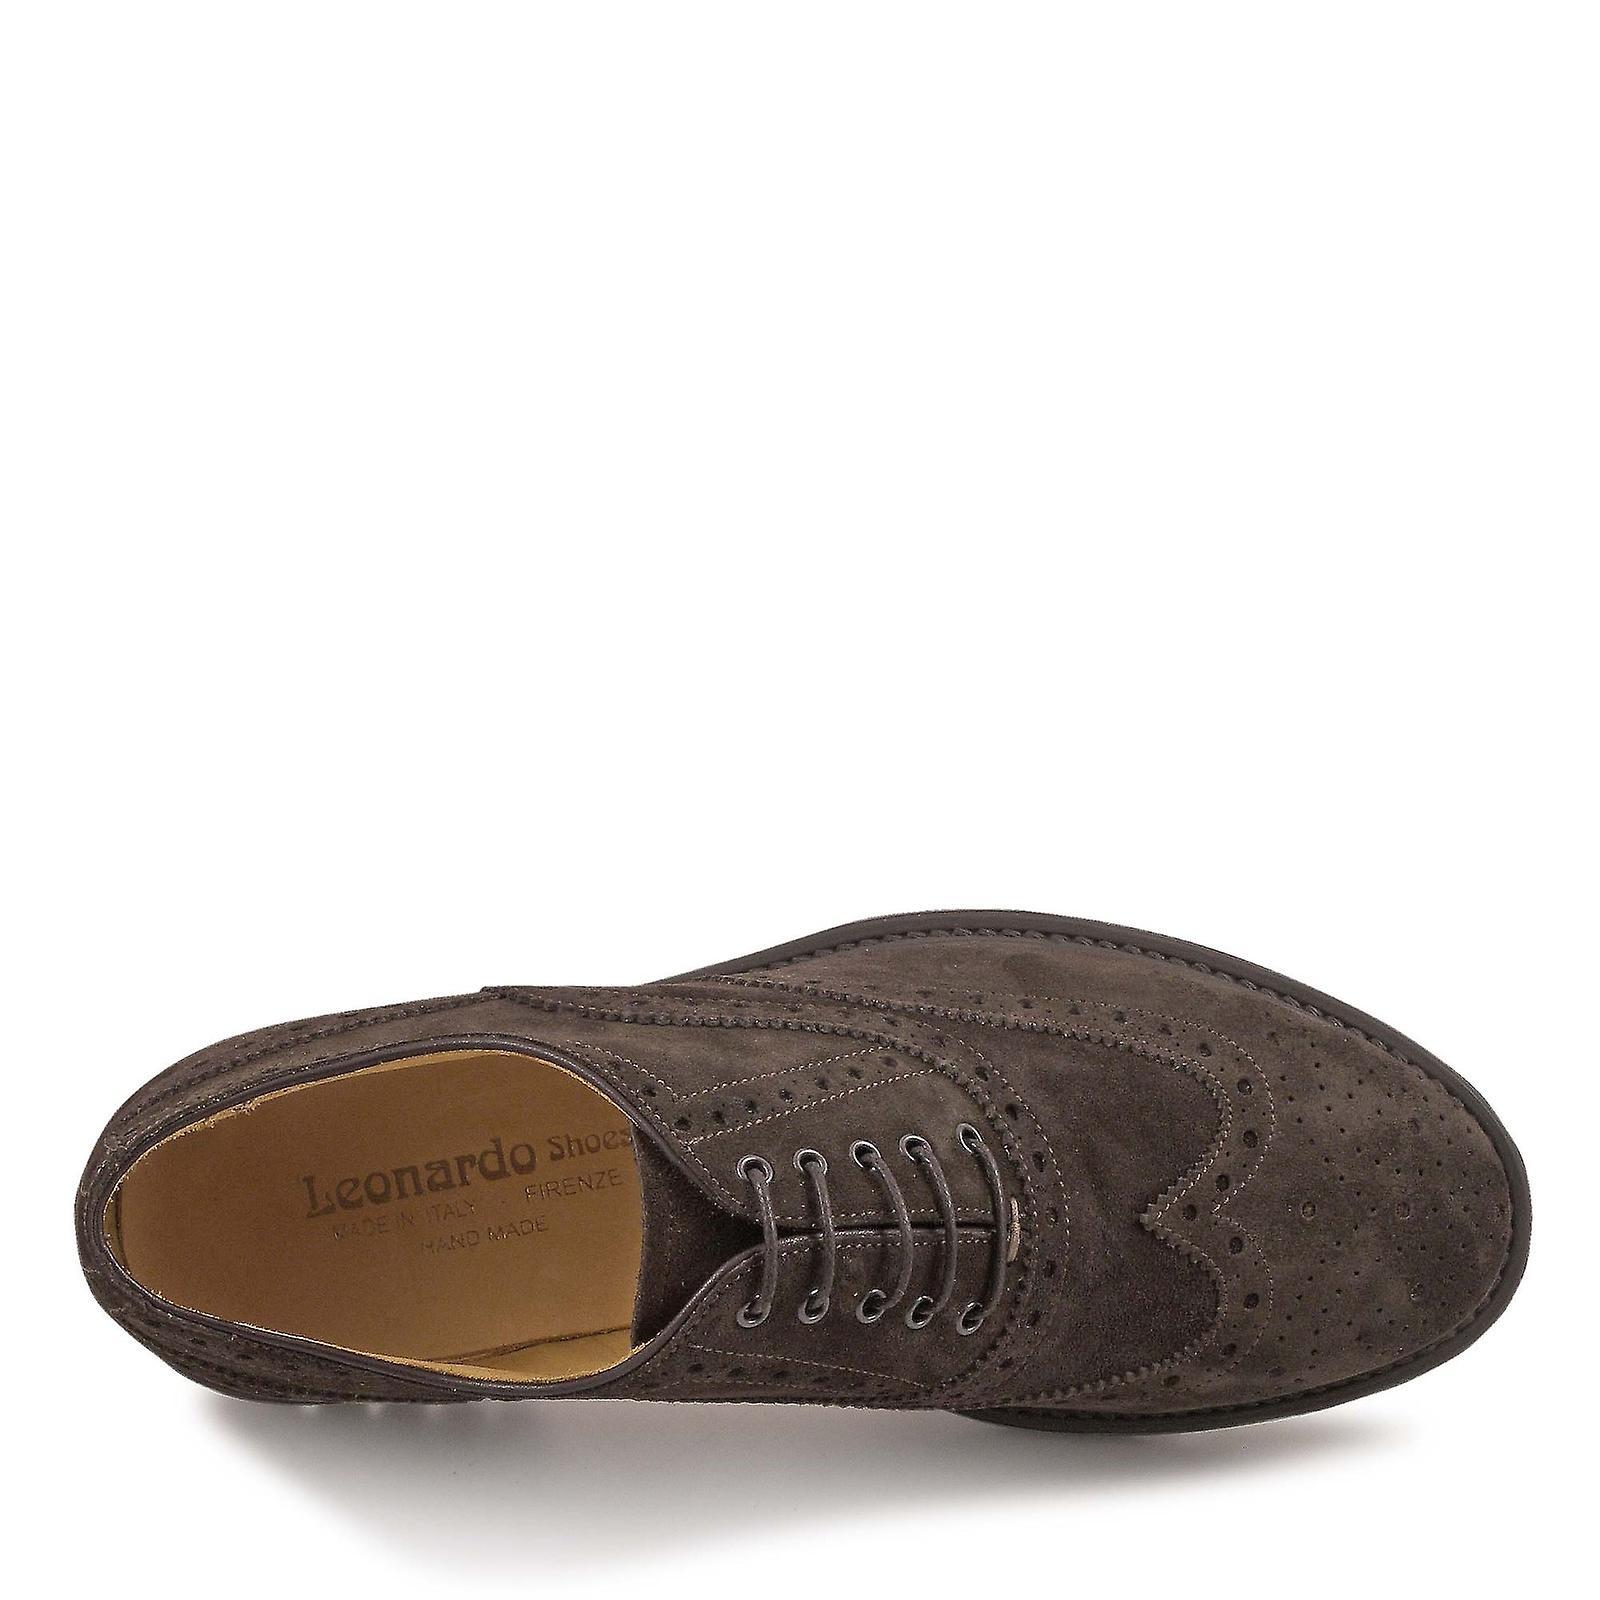 La main daim wingtip chaussures en couleur chocolat CEAT7i